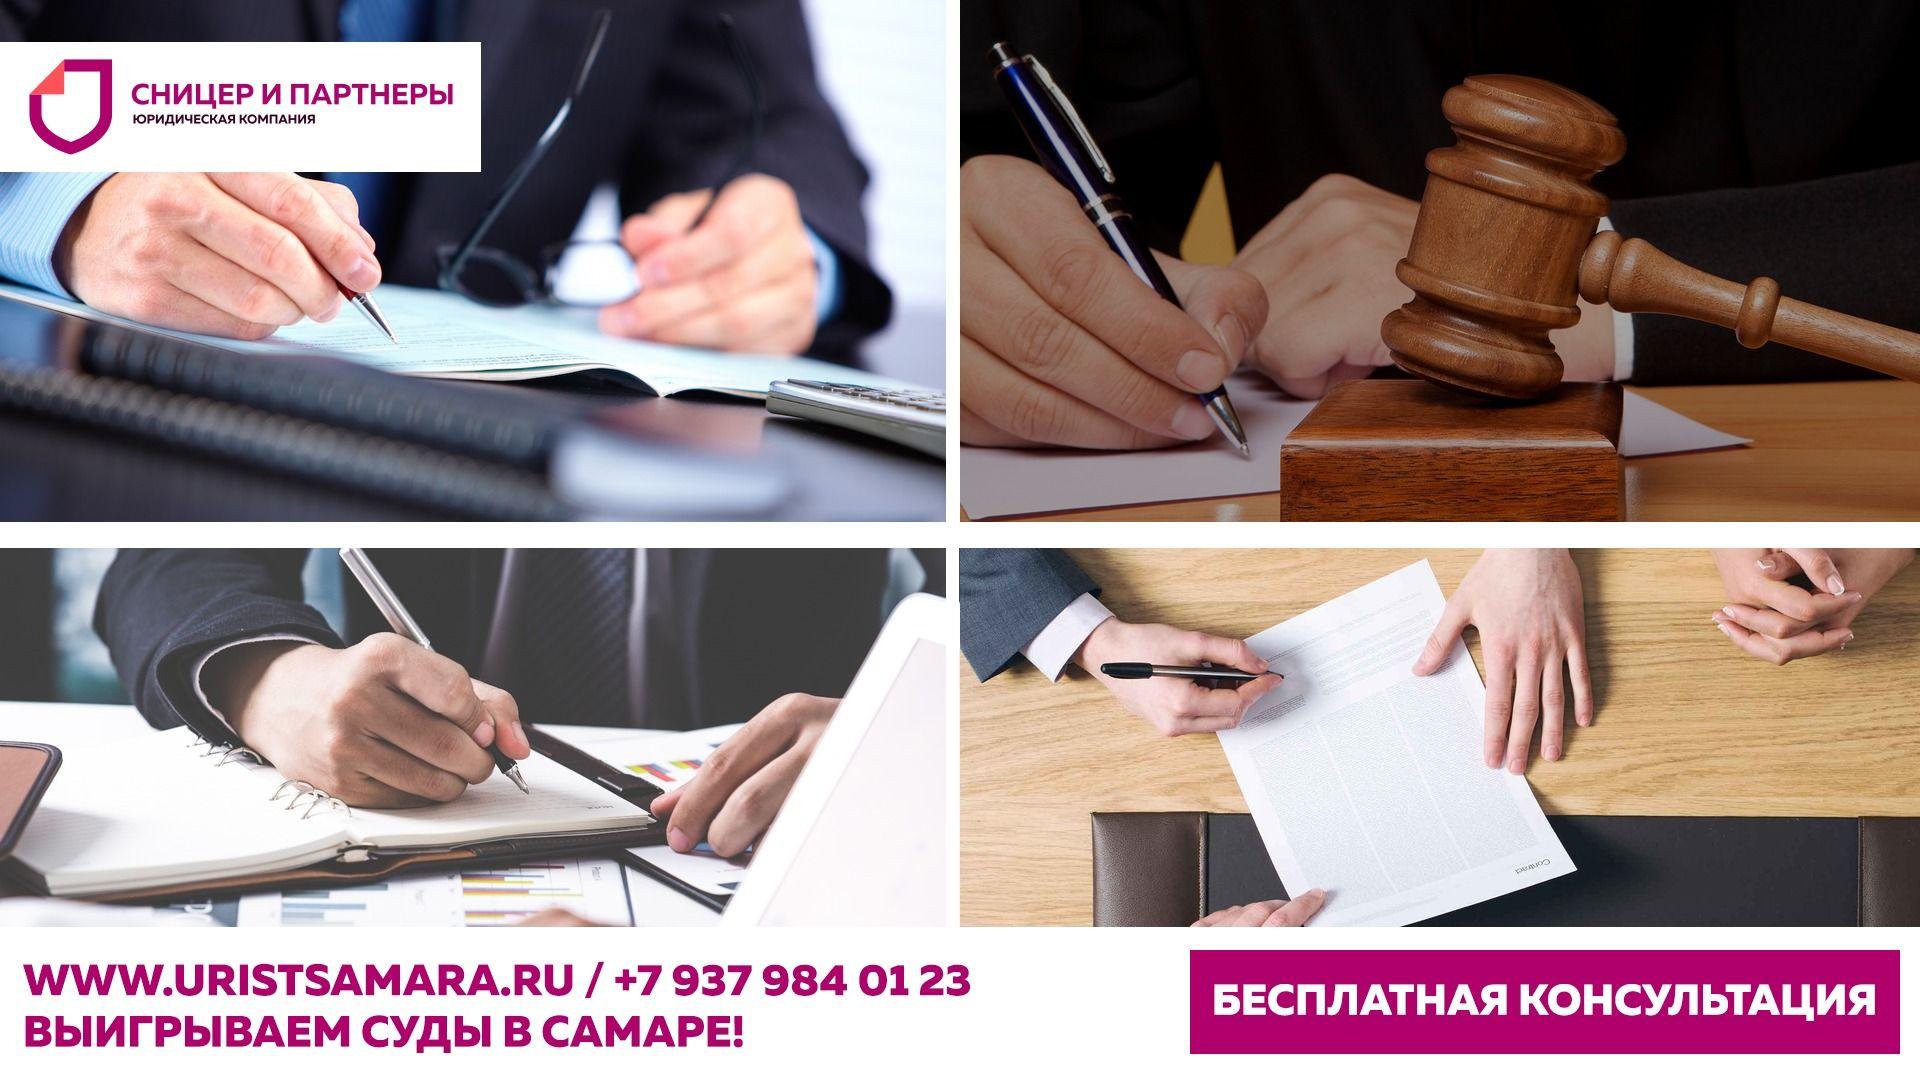 Профессиональные адвокаты по вступлению в наследство